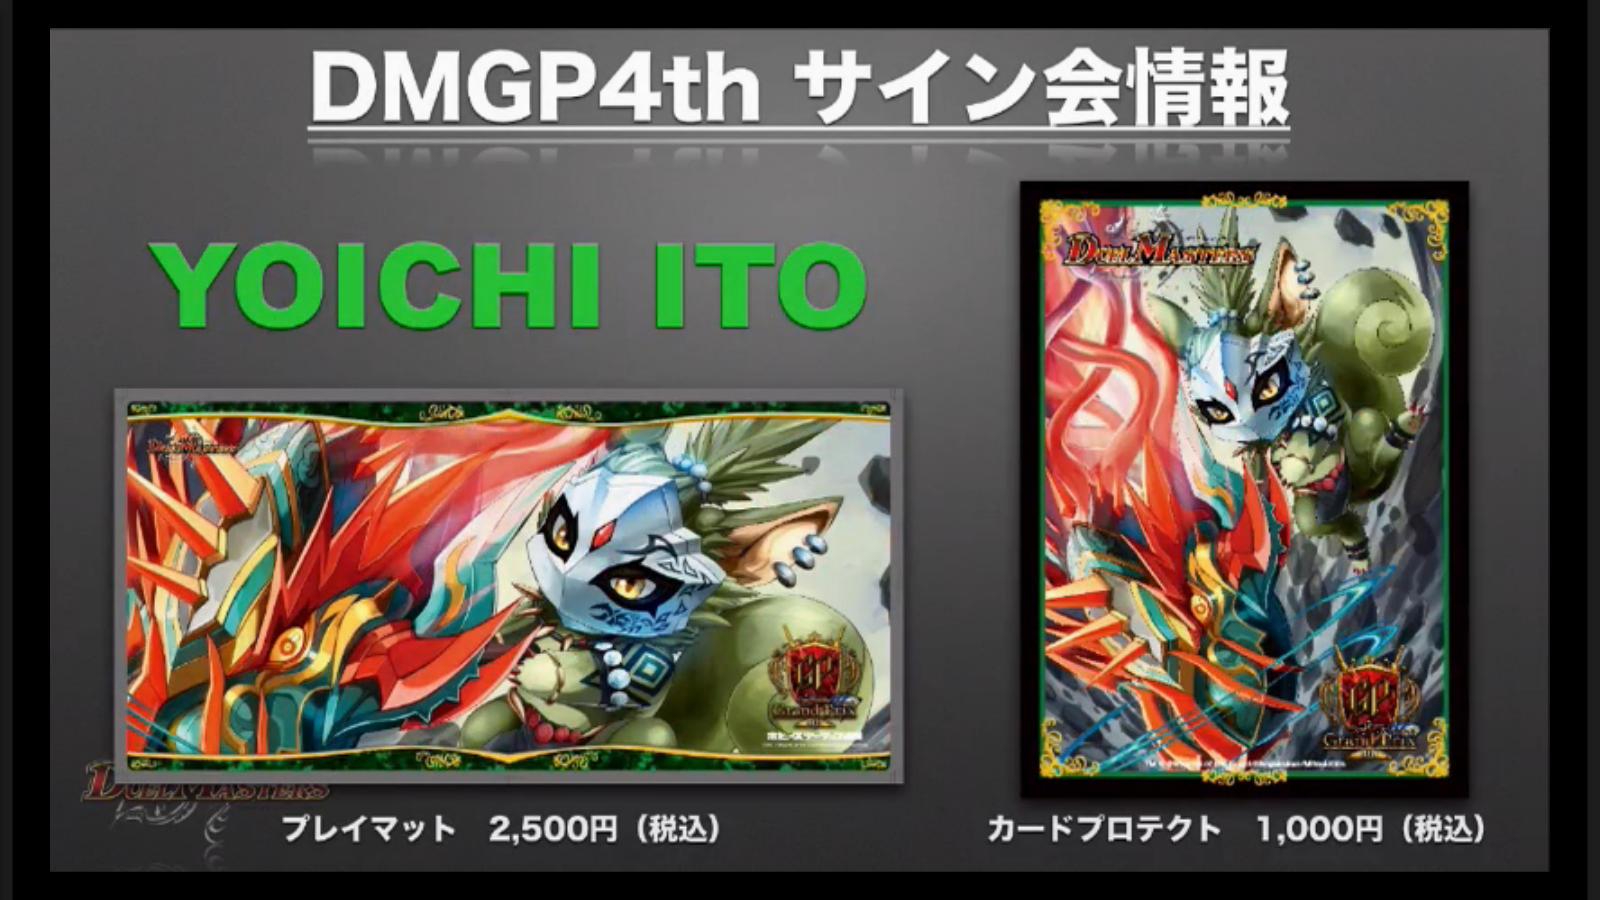 dm-kakumei-finalcup-news-170226-114.jpg